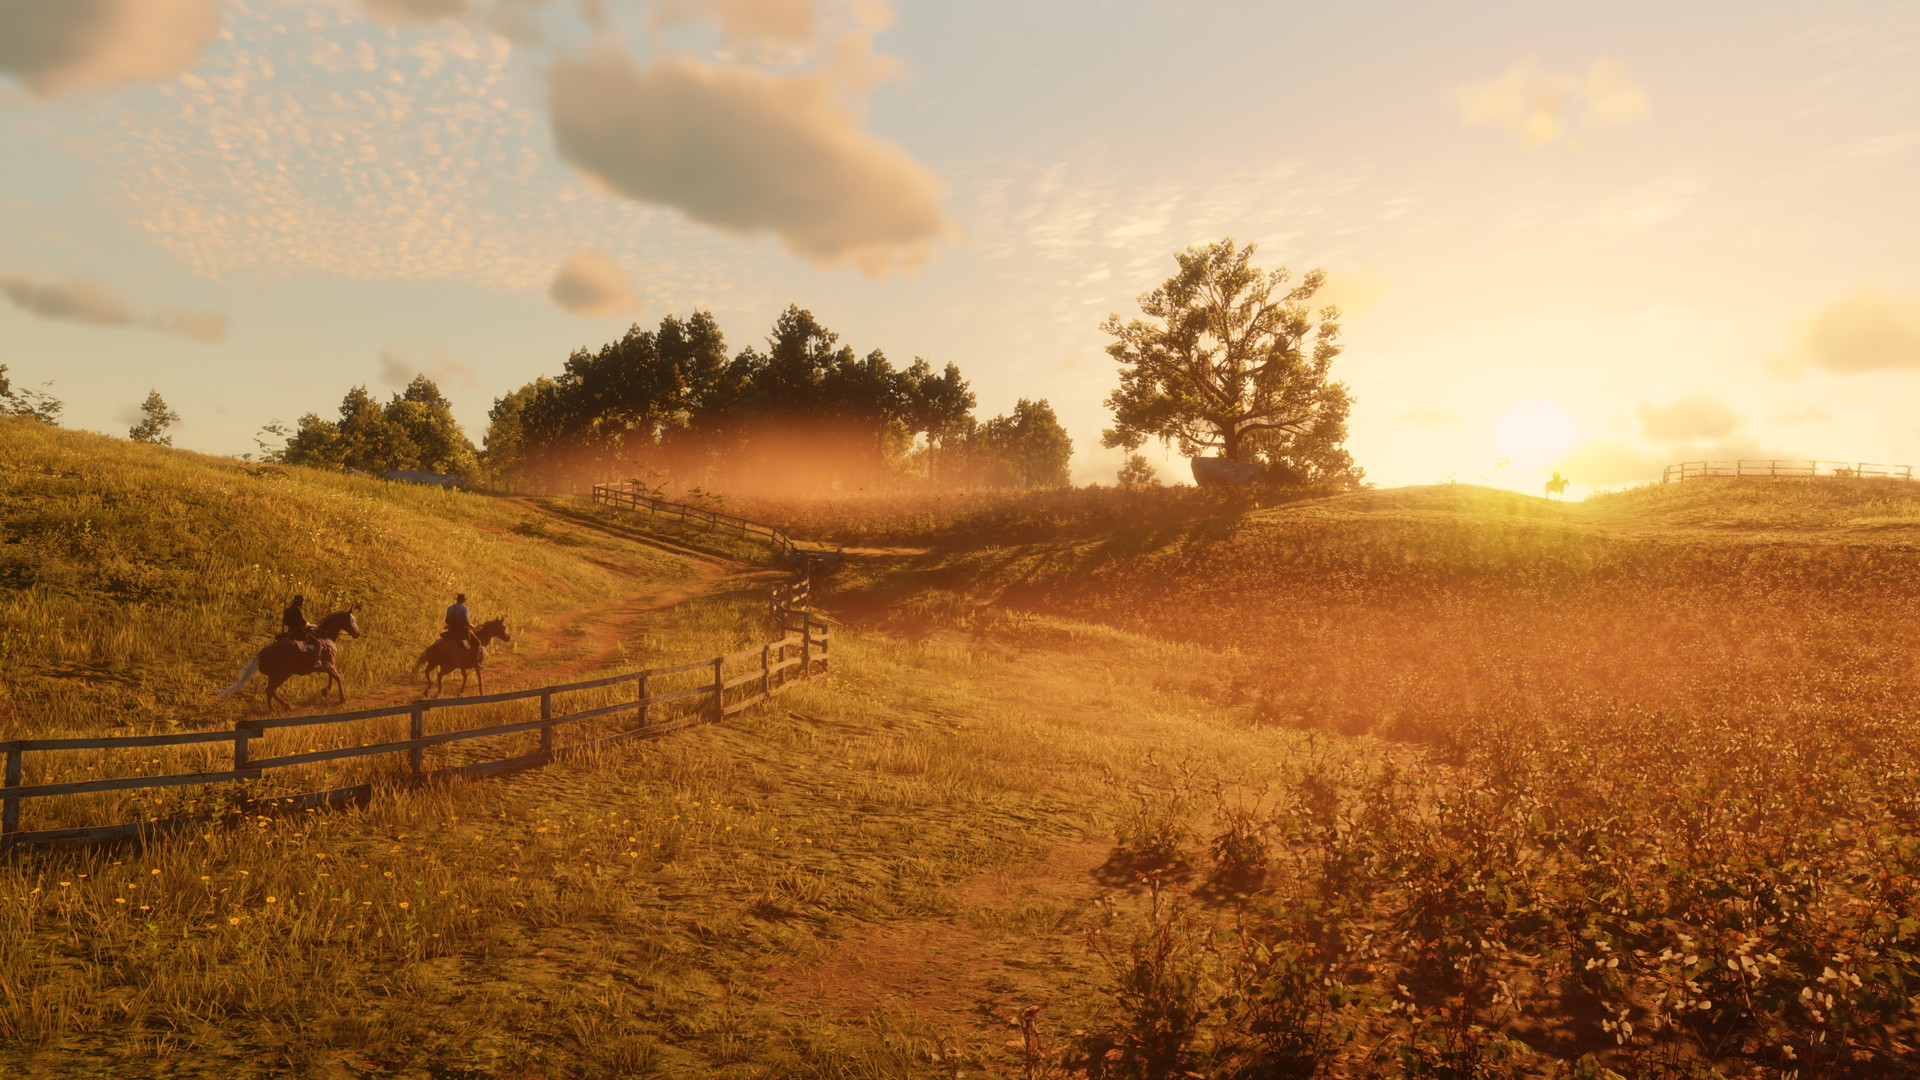 Krajobraz uchwycony w grze Red Dead Redemption 2